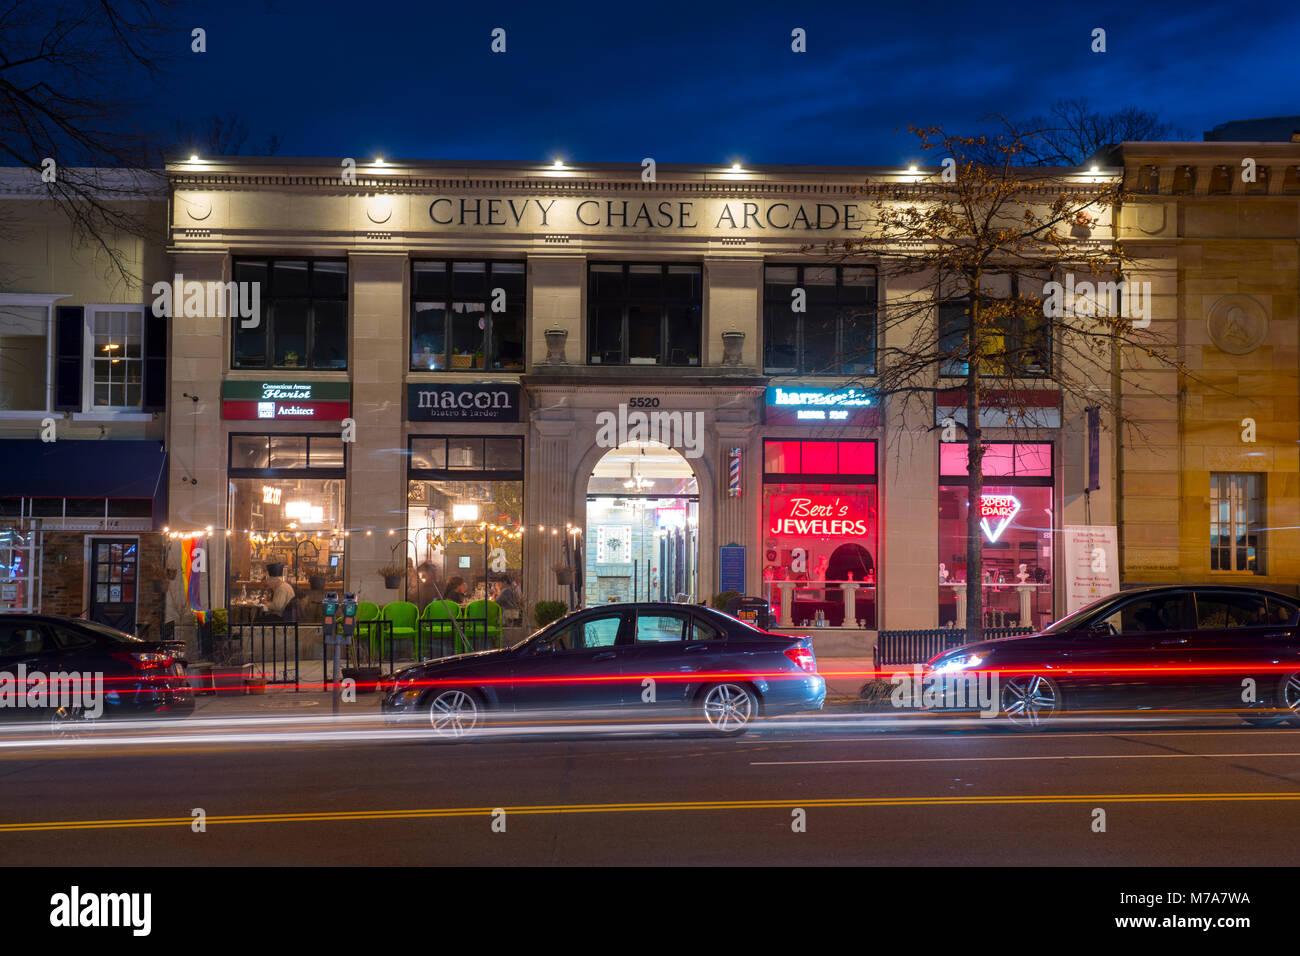 Usa Washington Dc Chevy Chase Arcade Northwest Washington